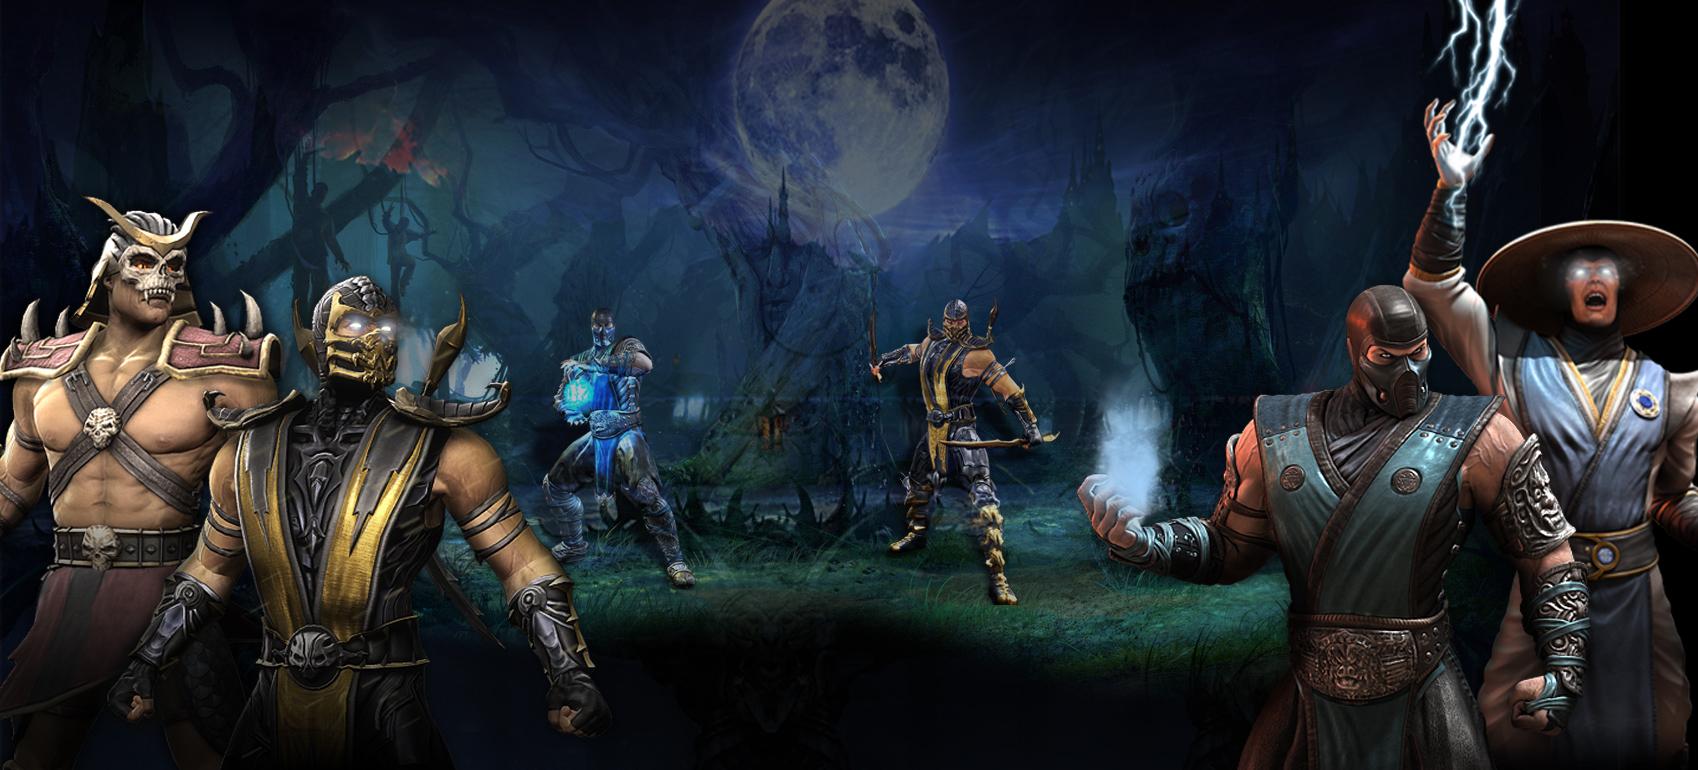 50+] Mortal Kombat 9 Wallpapers on WallpaperSafari